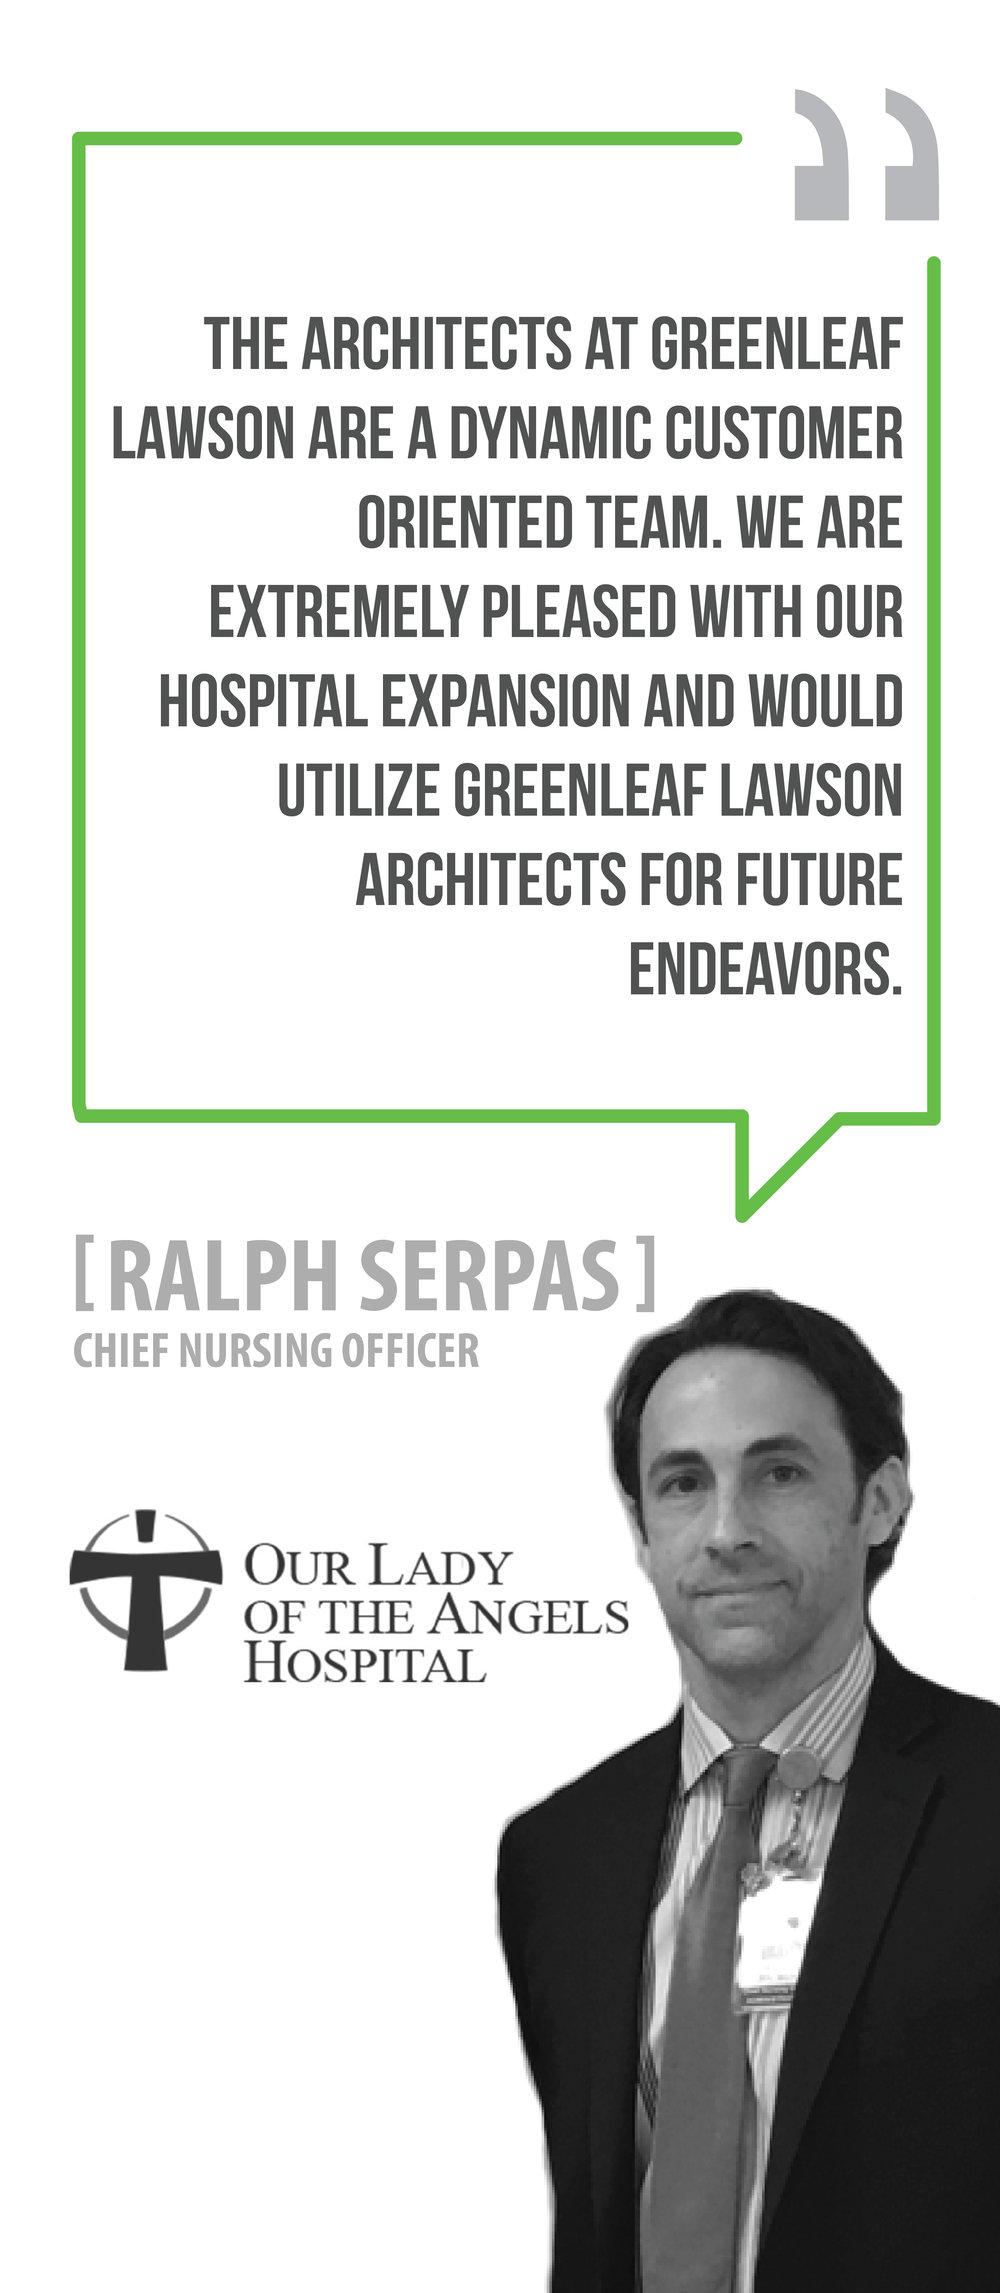 Greenleaf_Lawson_Architects-Testimonials-Vertical-02.jpg